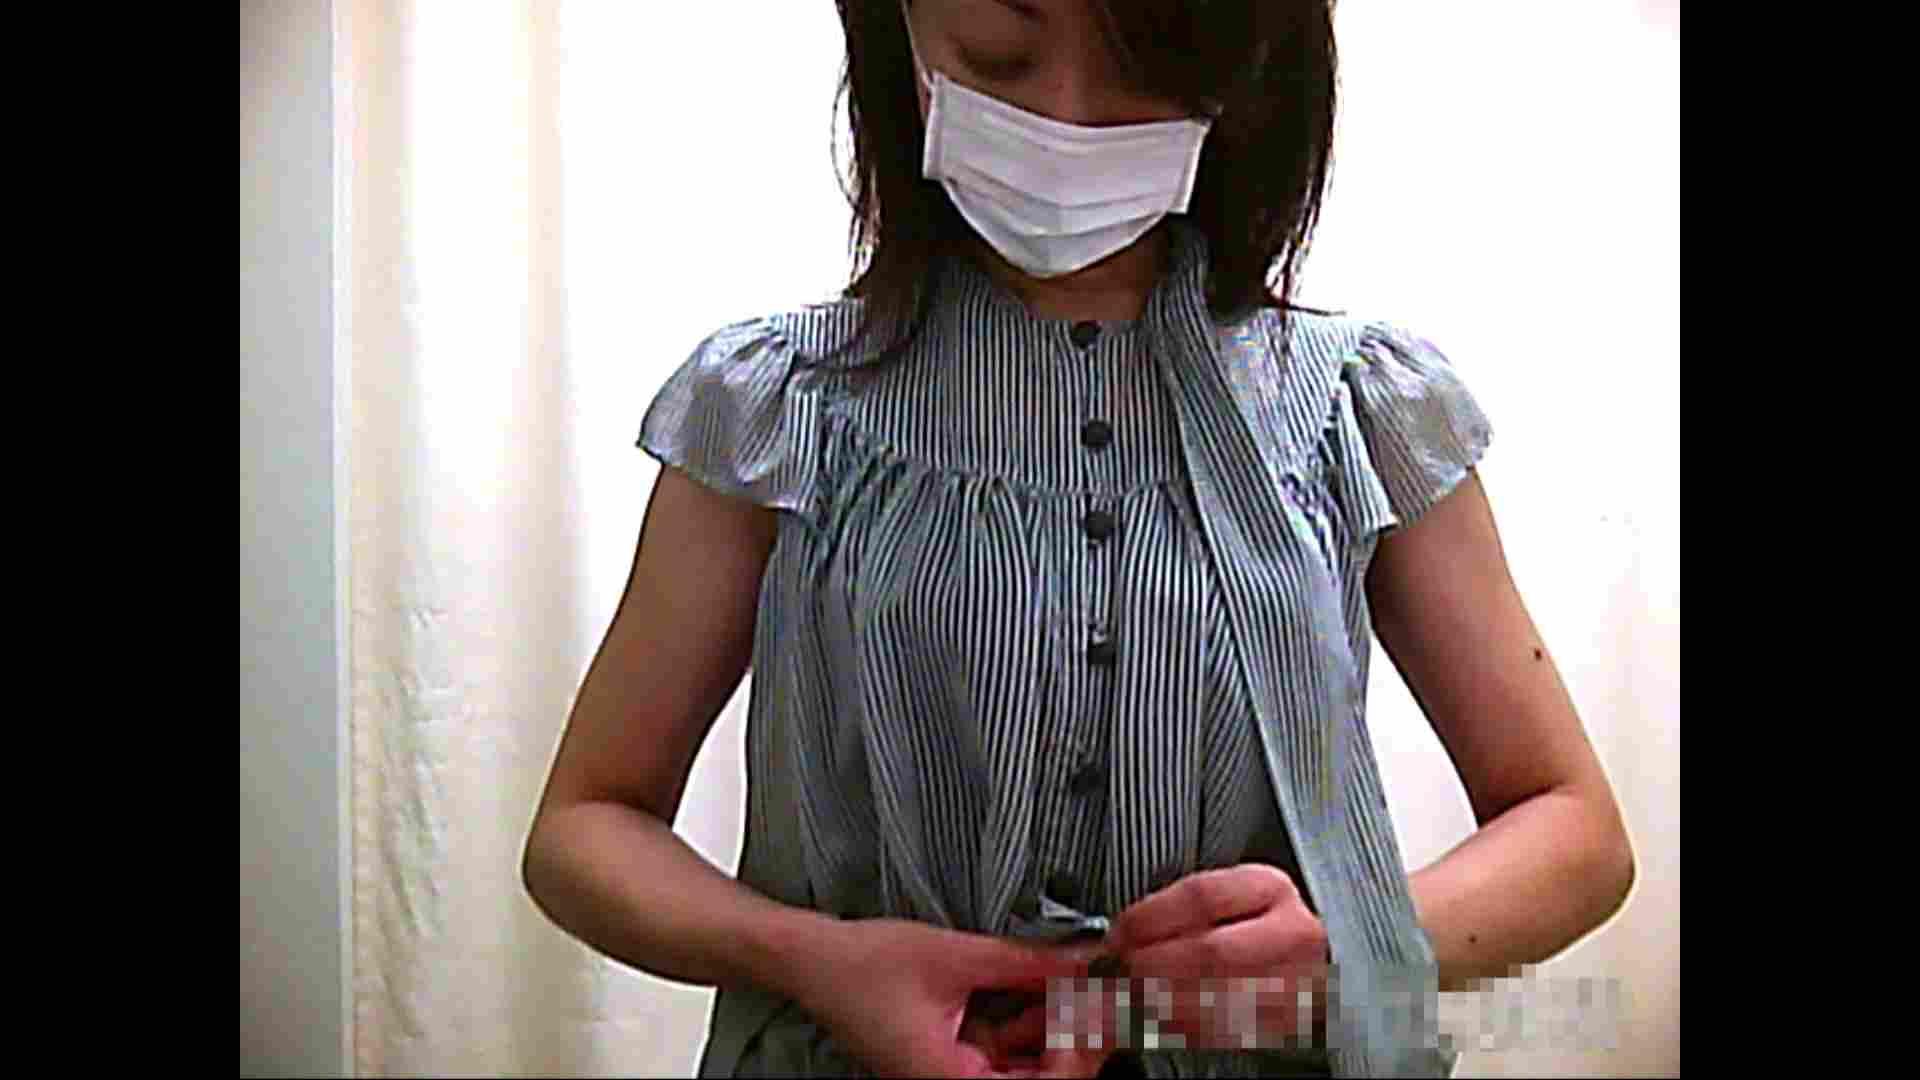 病院おもいっきり着替え! vol.242 貧乳 すけべAV動画紹介 105pic 76